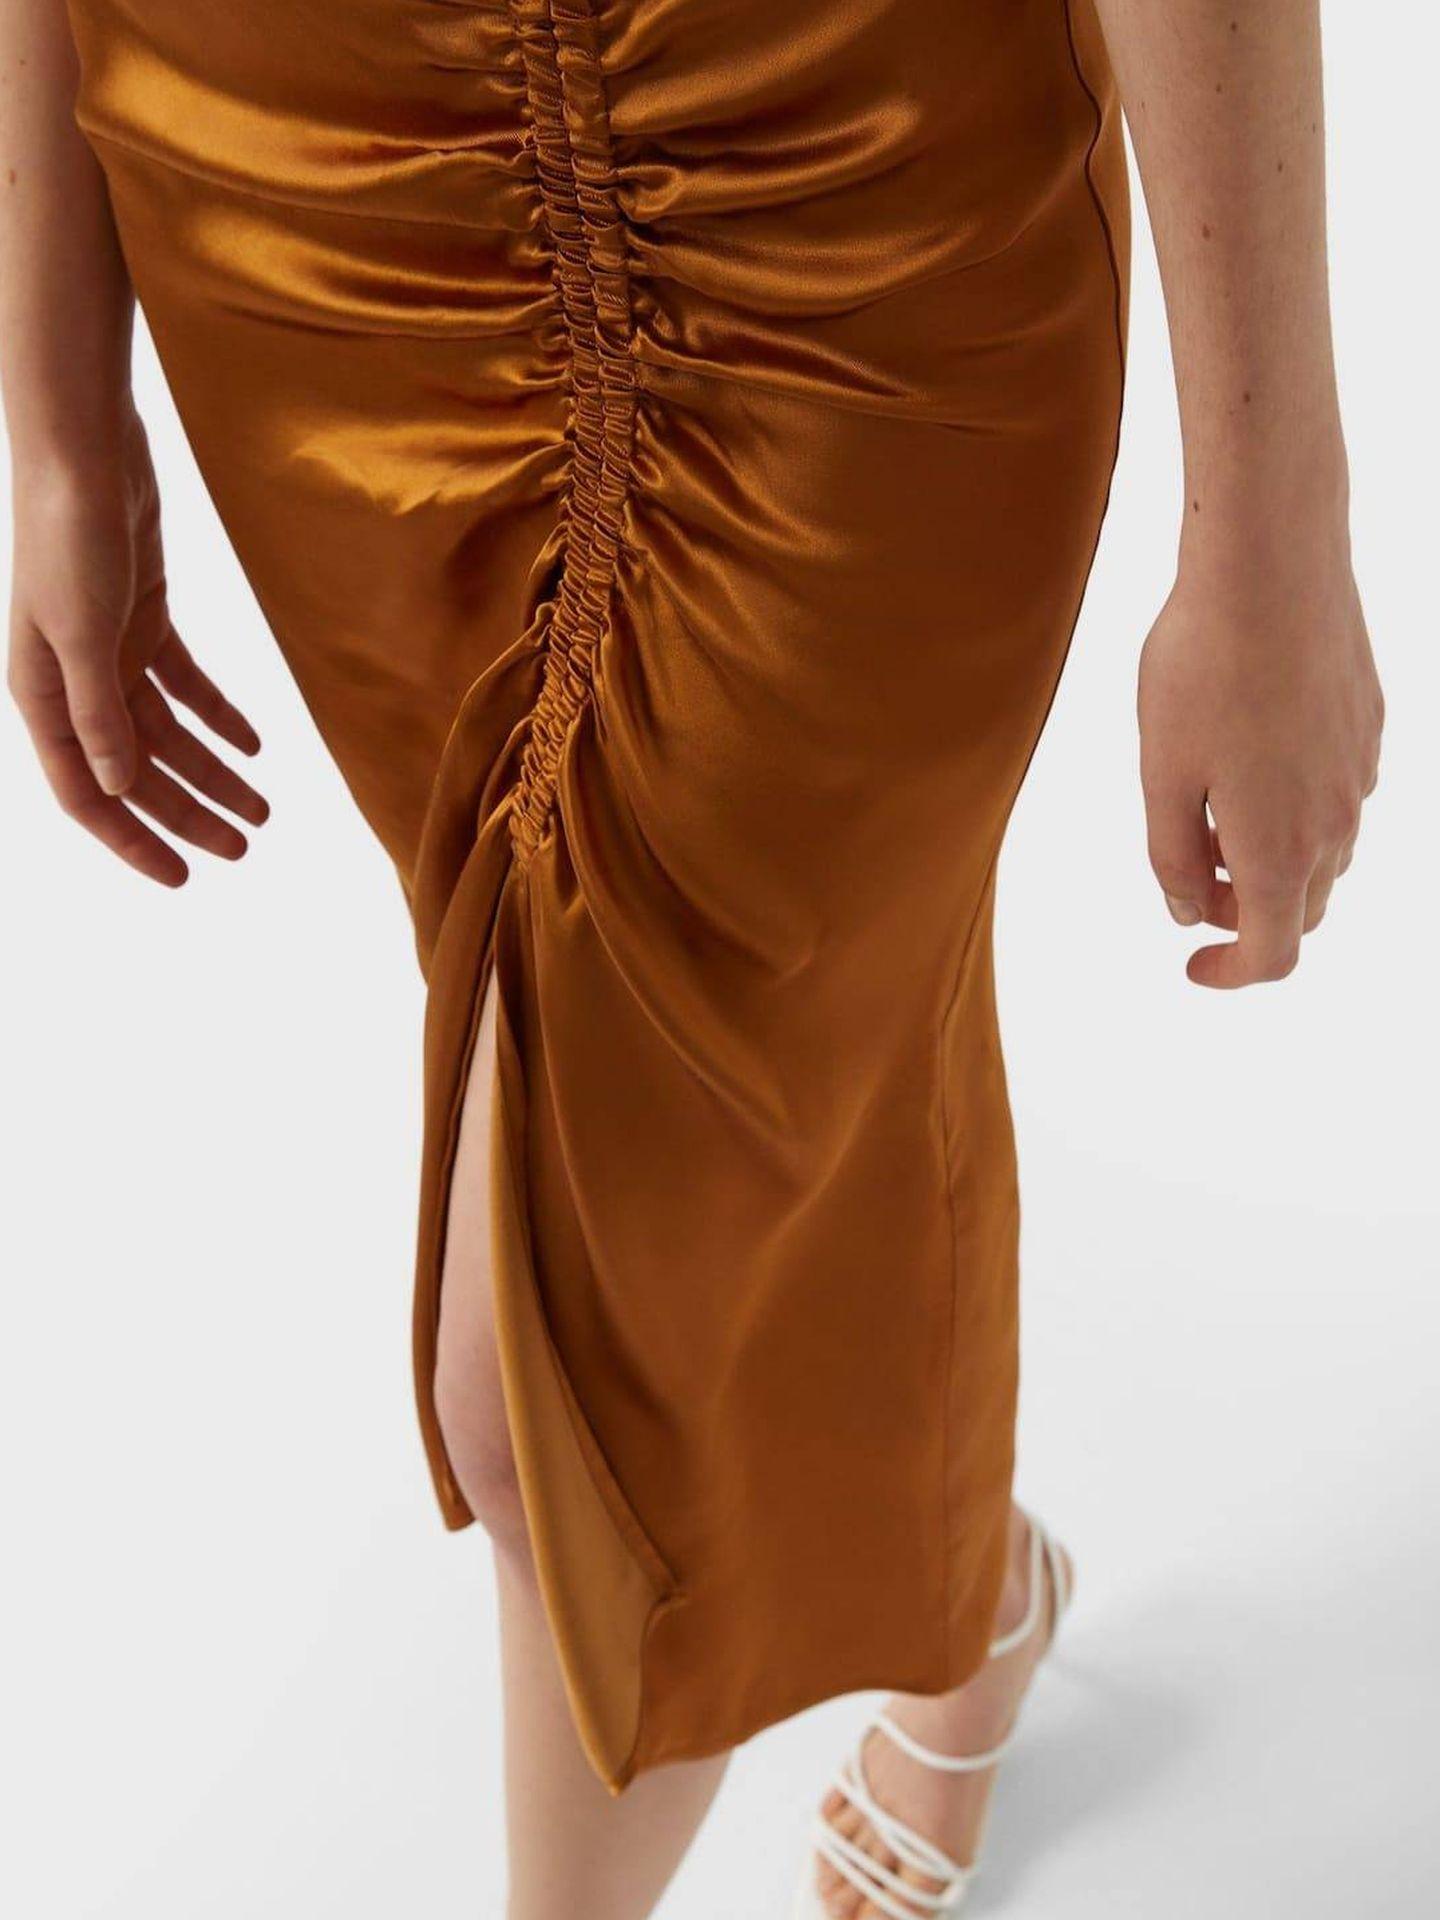 La falda de Stradivarius. (Cortesía)